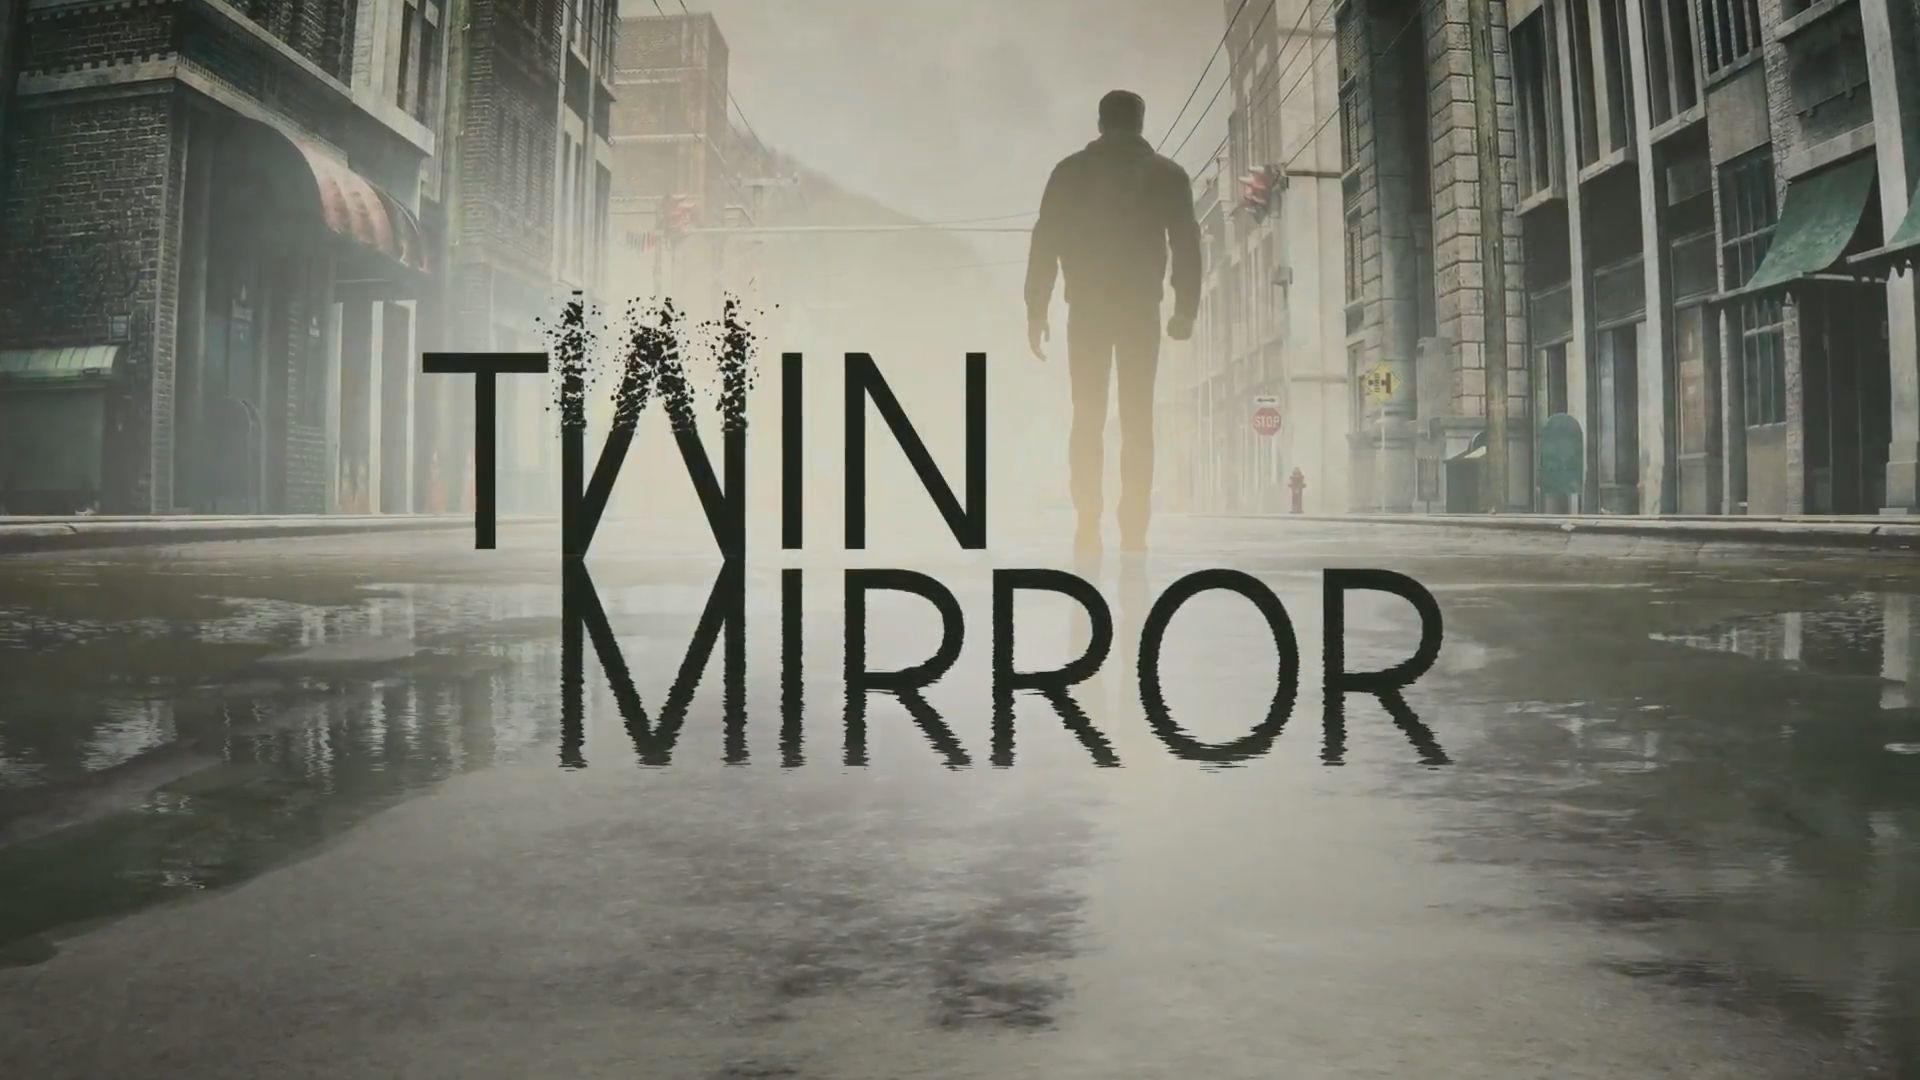 Twin Mirror Salah Satu Game Dari Dontnod Yang Pantas Dimainkan